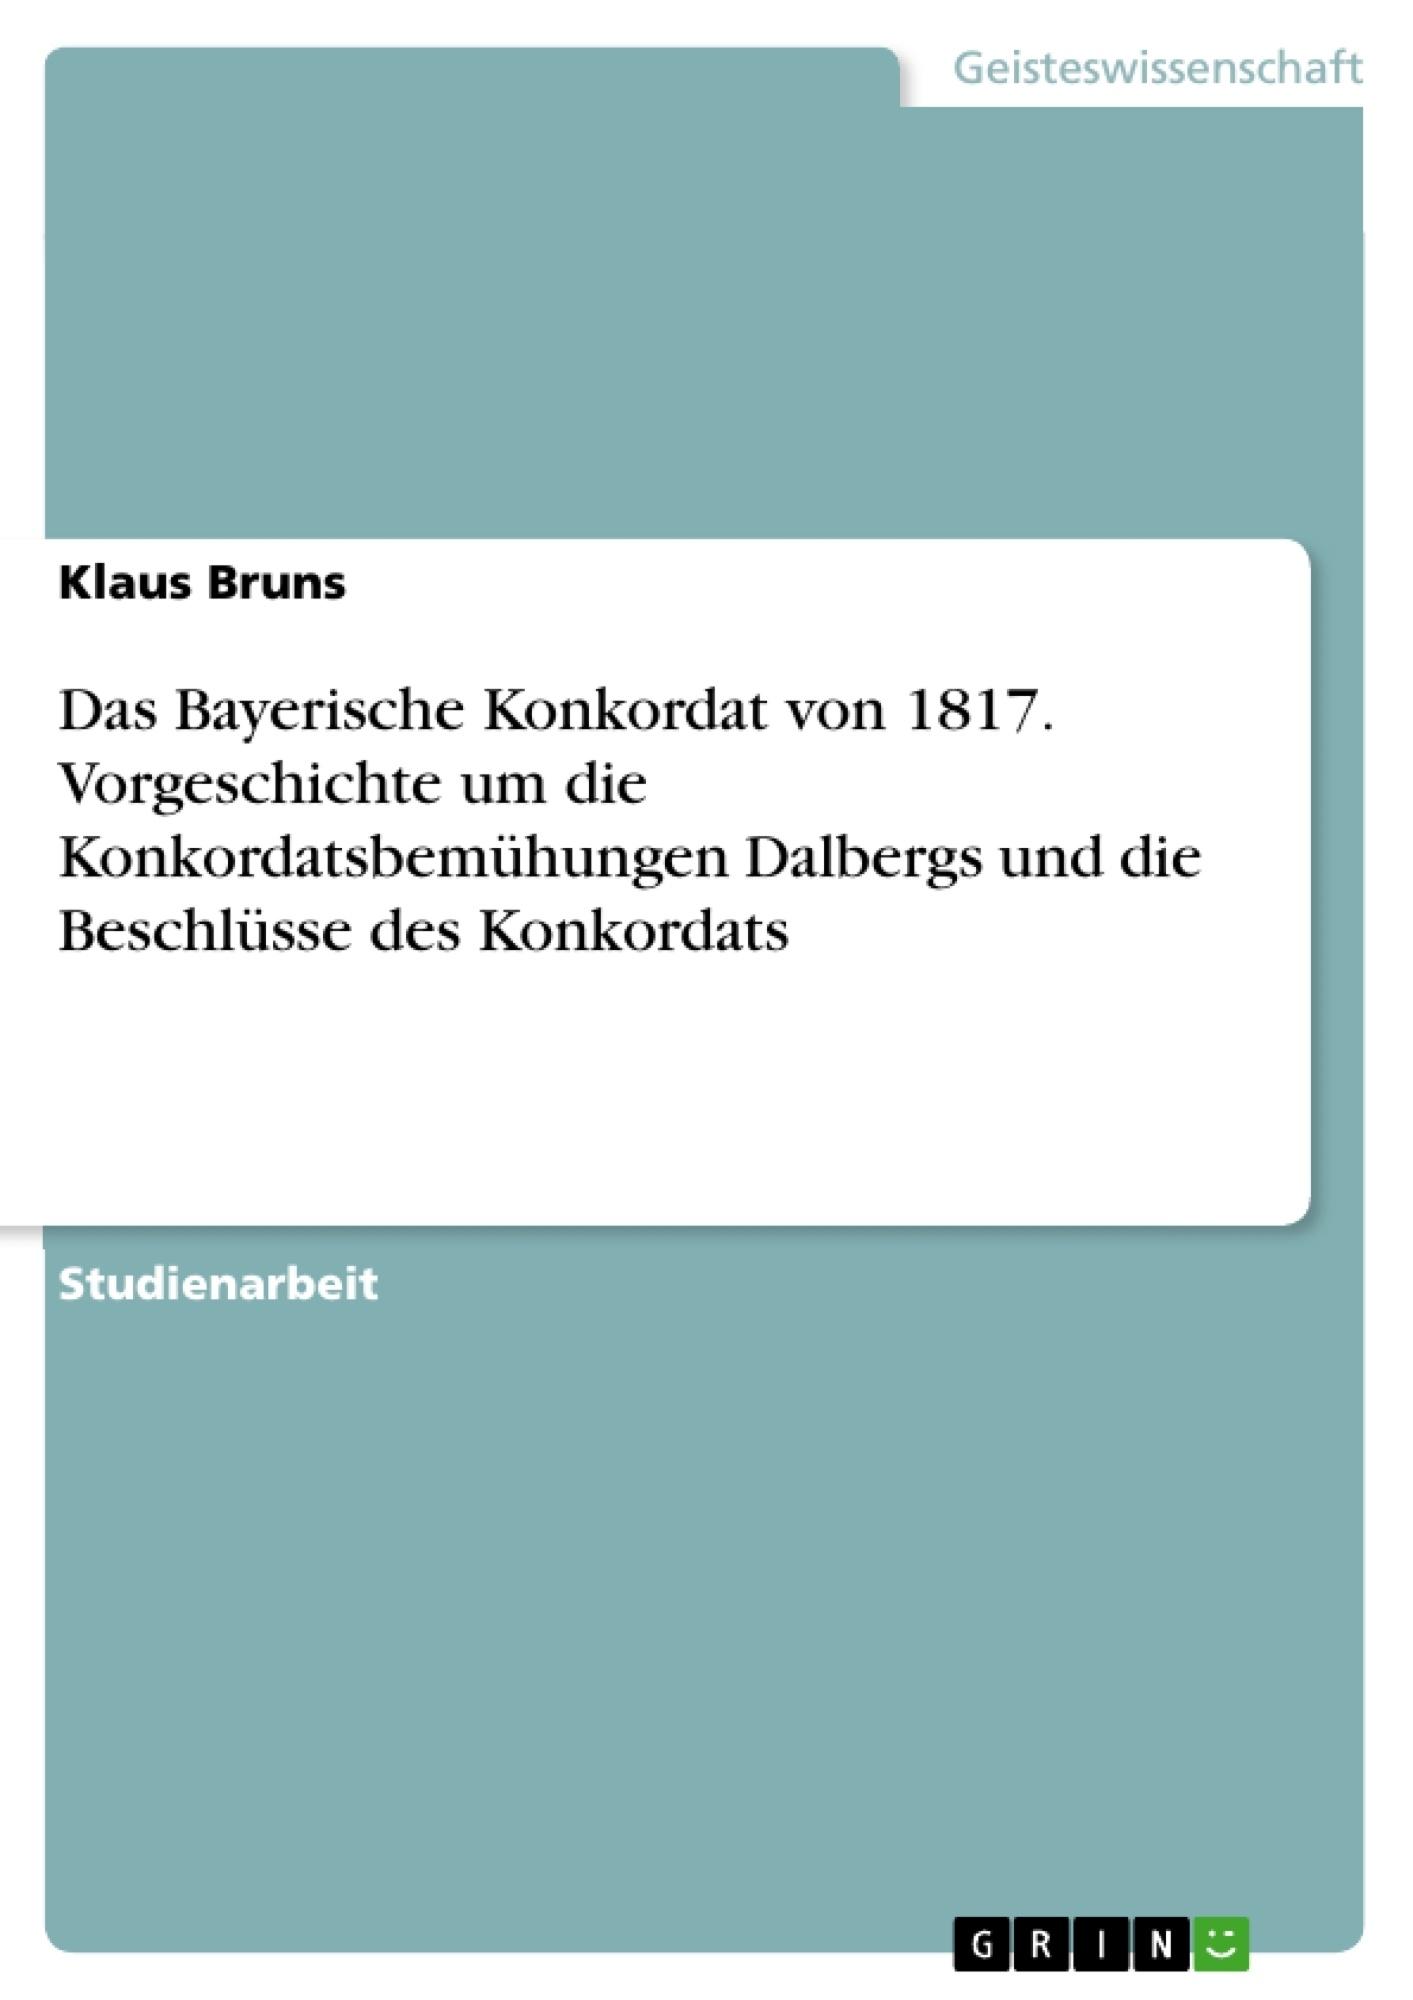 Titel: Das Bayerische Konkordat von 1817. Vorgeschichte um die Konkordatsbemühungen Dalbergs und die Beschlüsse des Konkordats